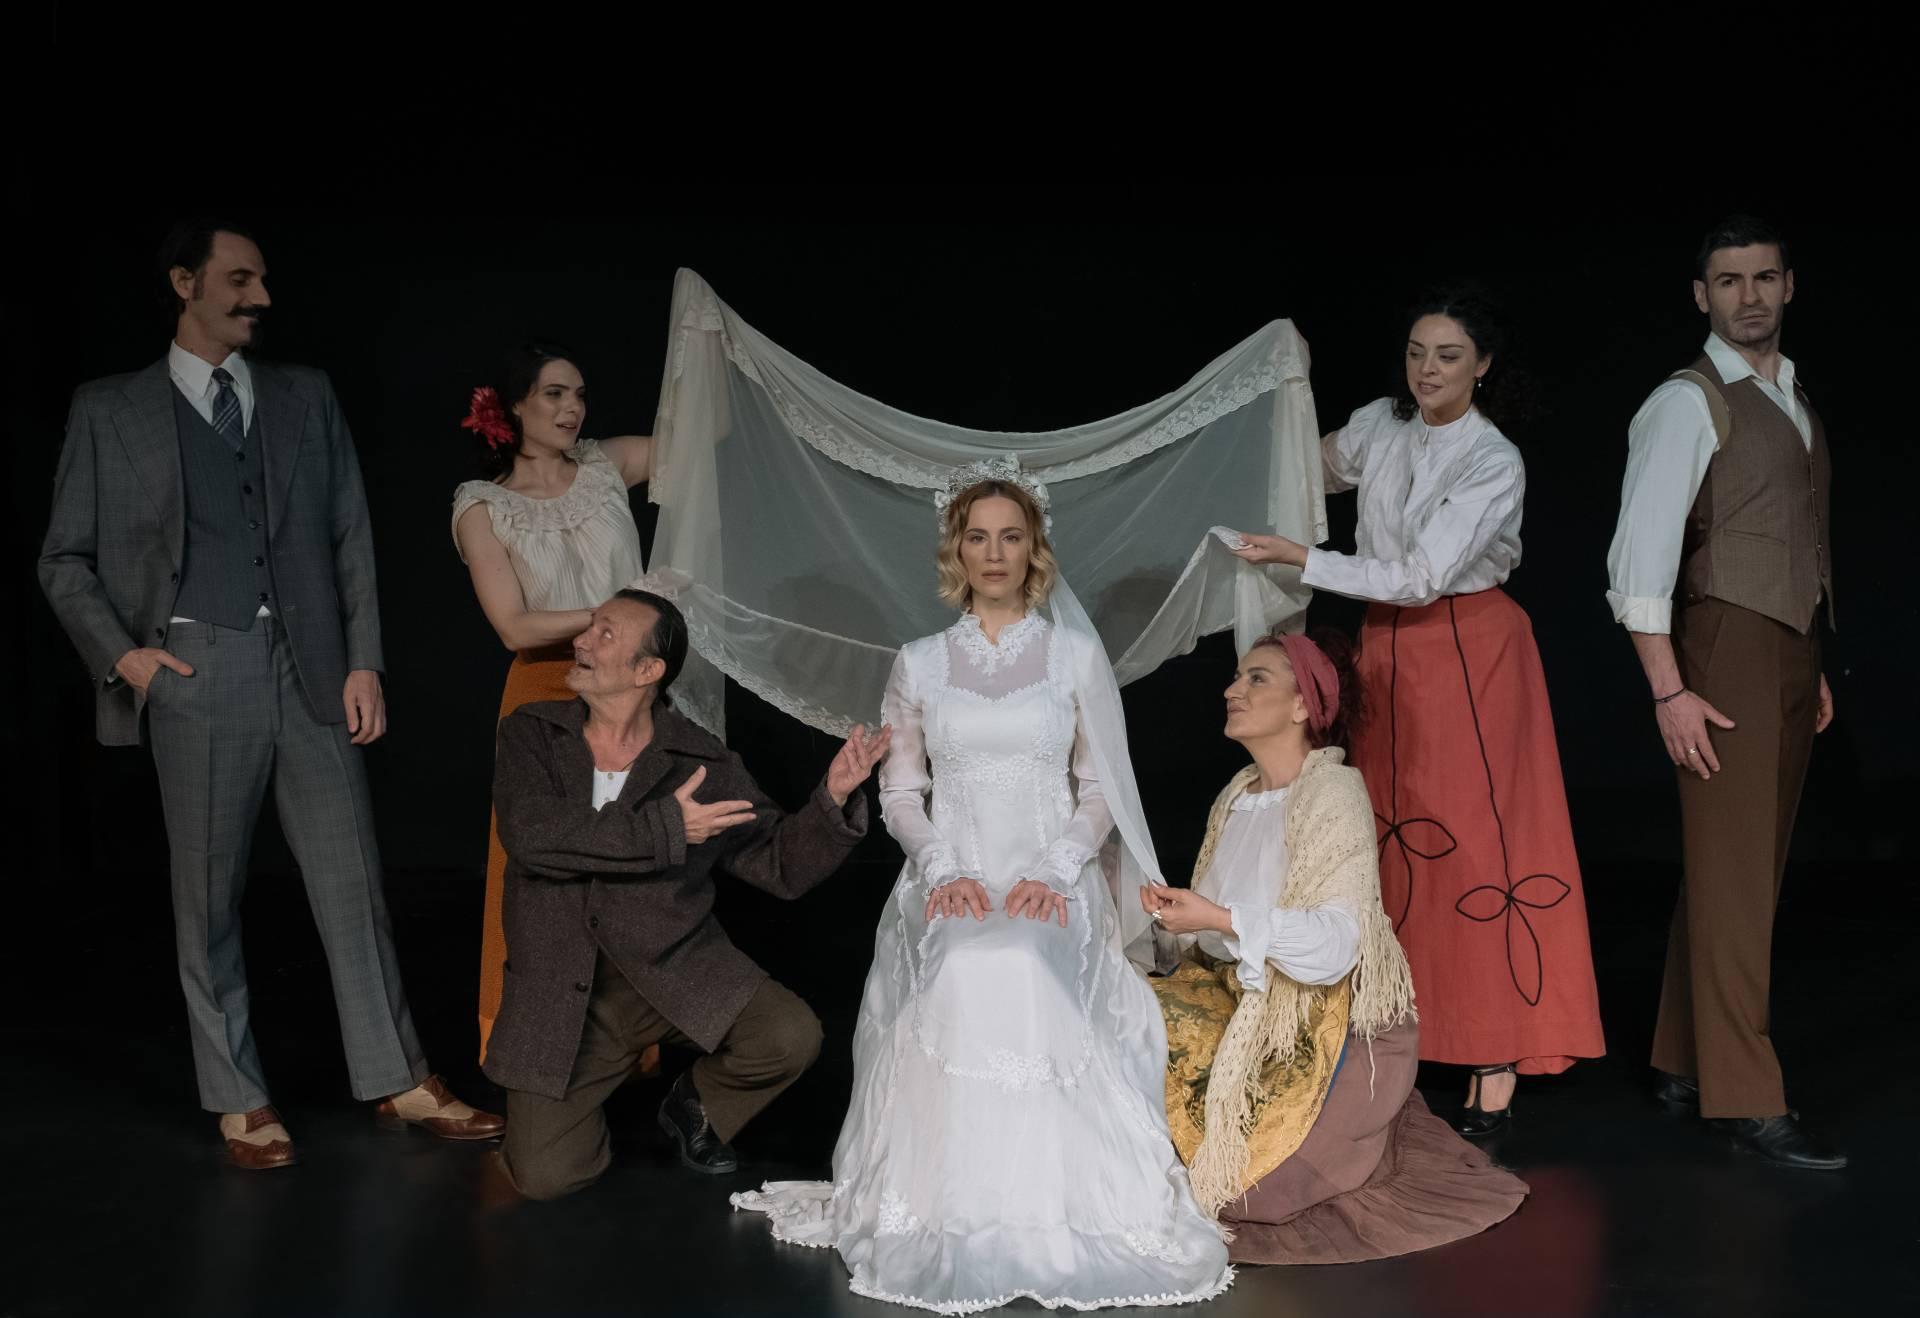 Η θεατρική παράσταση «Αχ Έρωτα!» την Τρίτη 28 Ιουλίου στο Καστράκι Γρεβενών